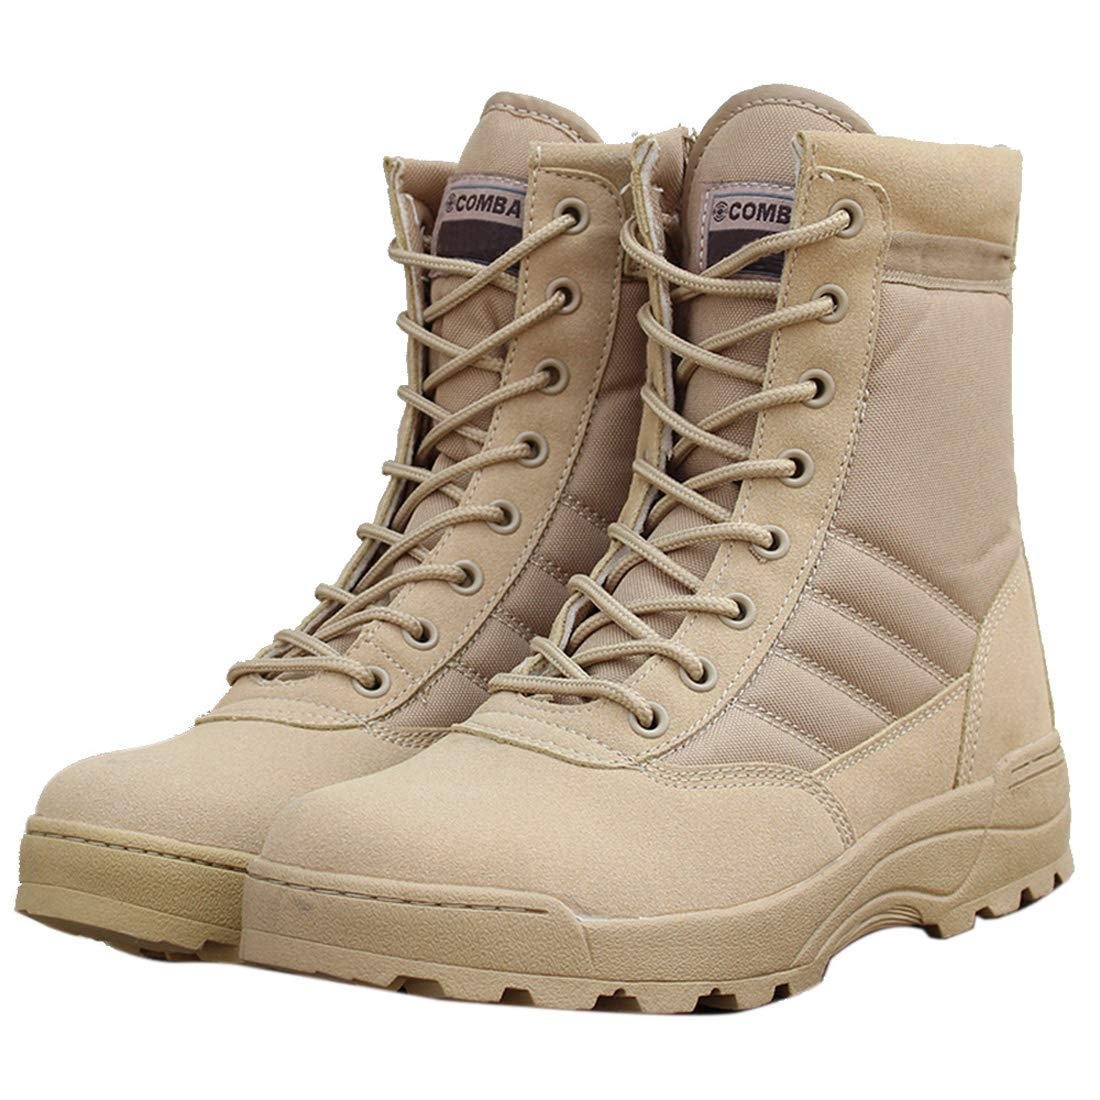 DANDANJIE Männer und Frauen Wanderstiefel Trainieren Outdoor-Stiefel High-Top-Wüsten Stiefel,Sand,44EU